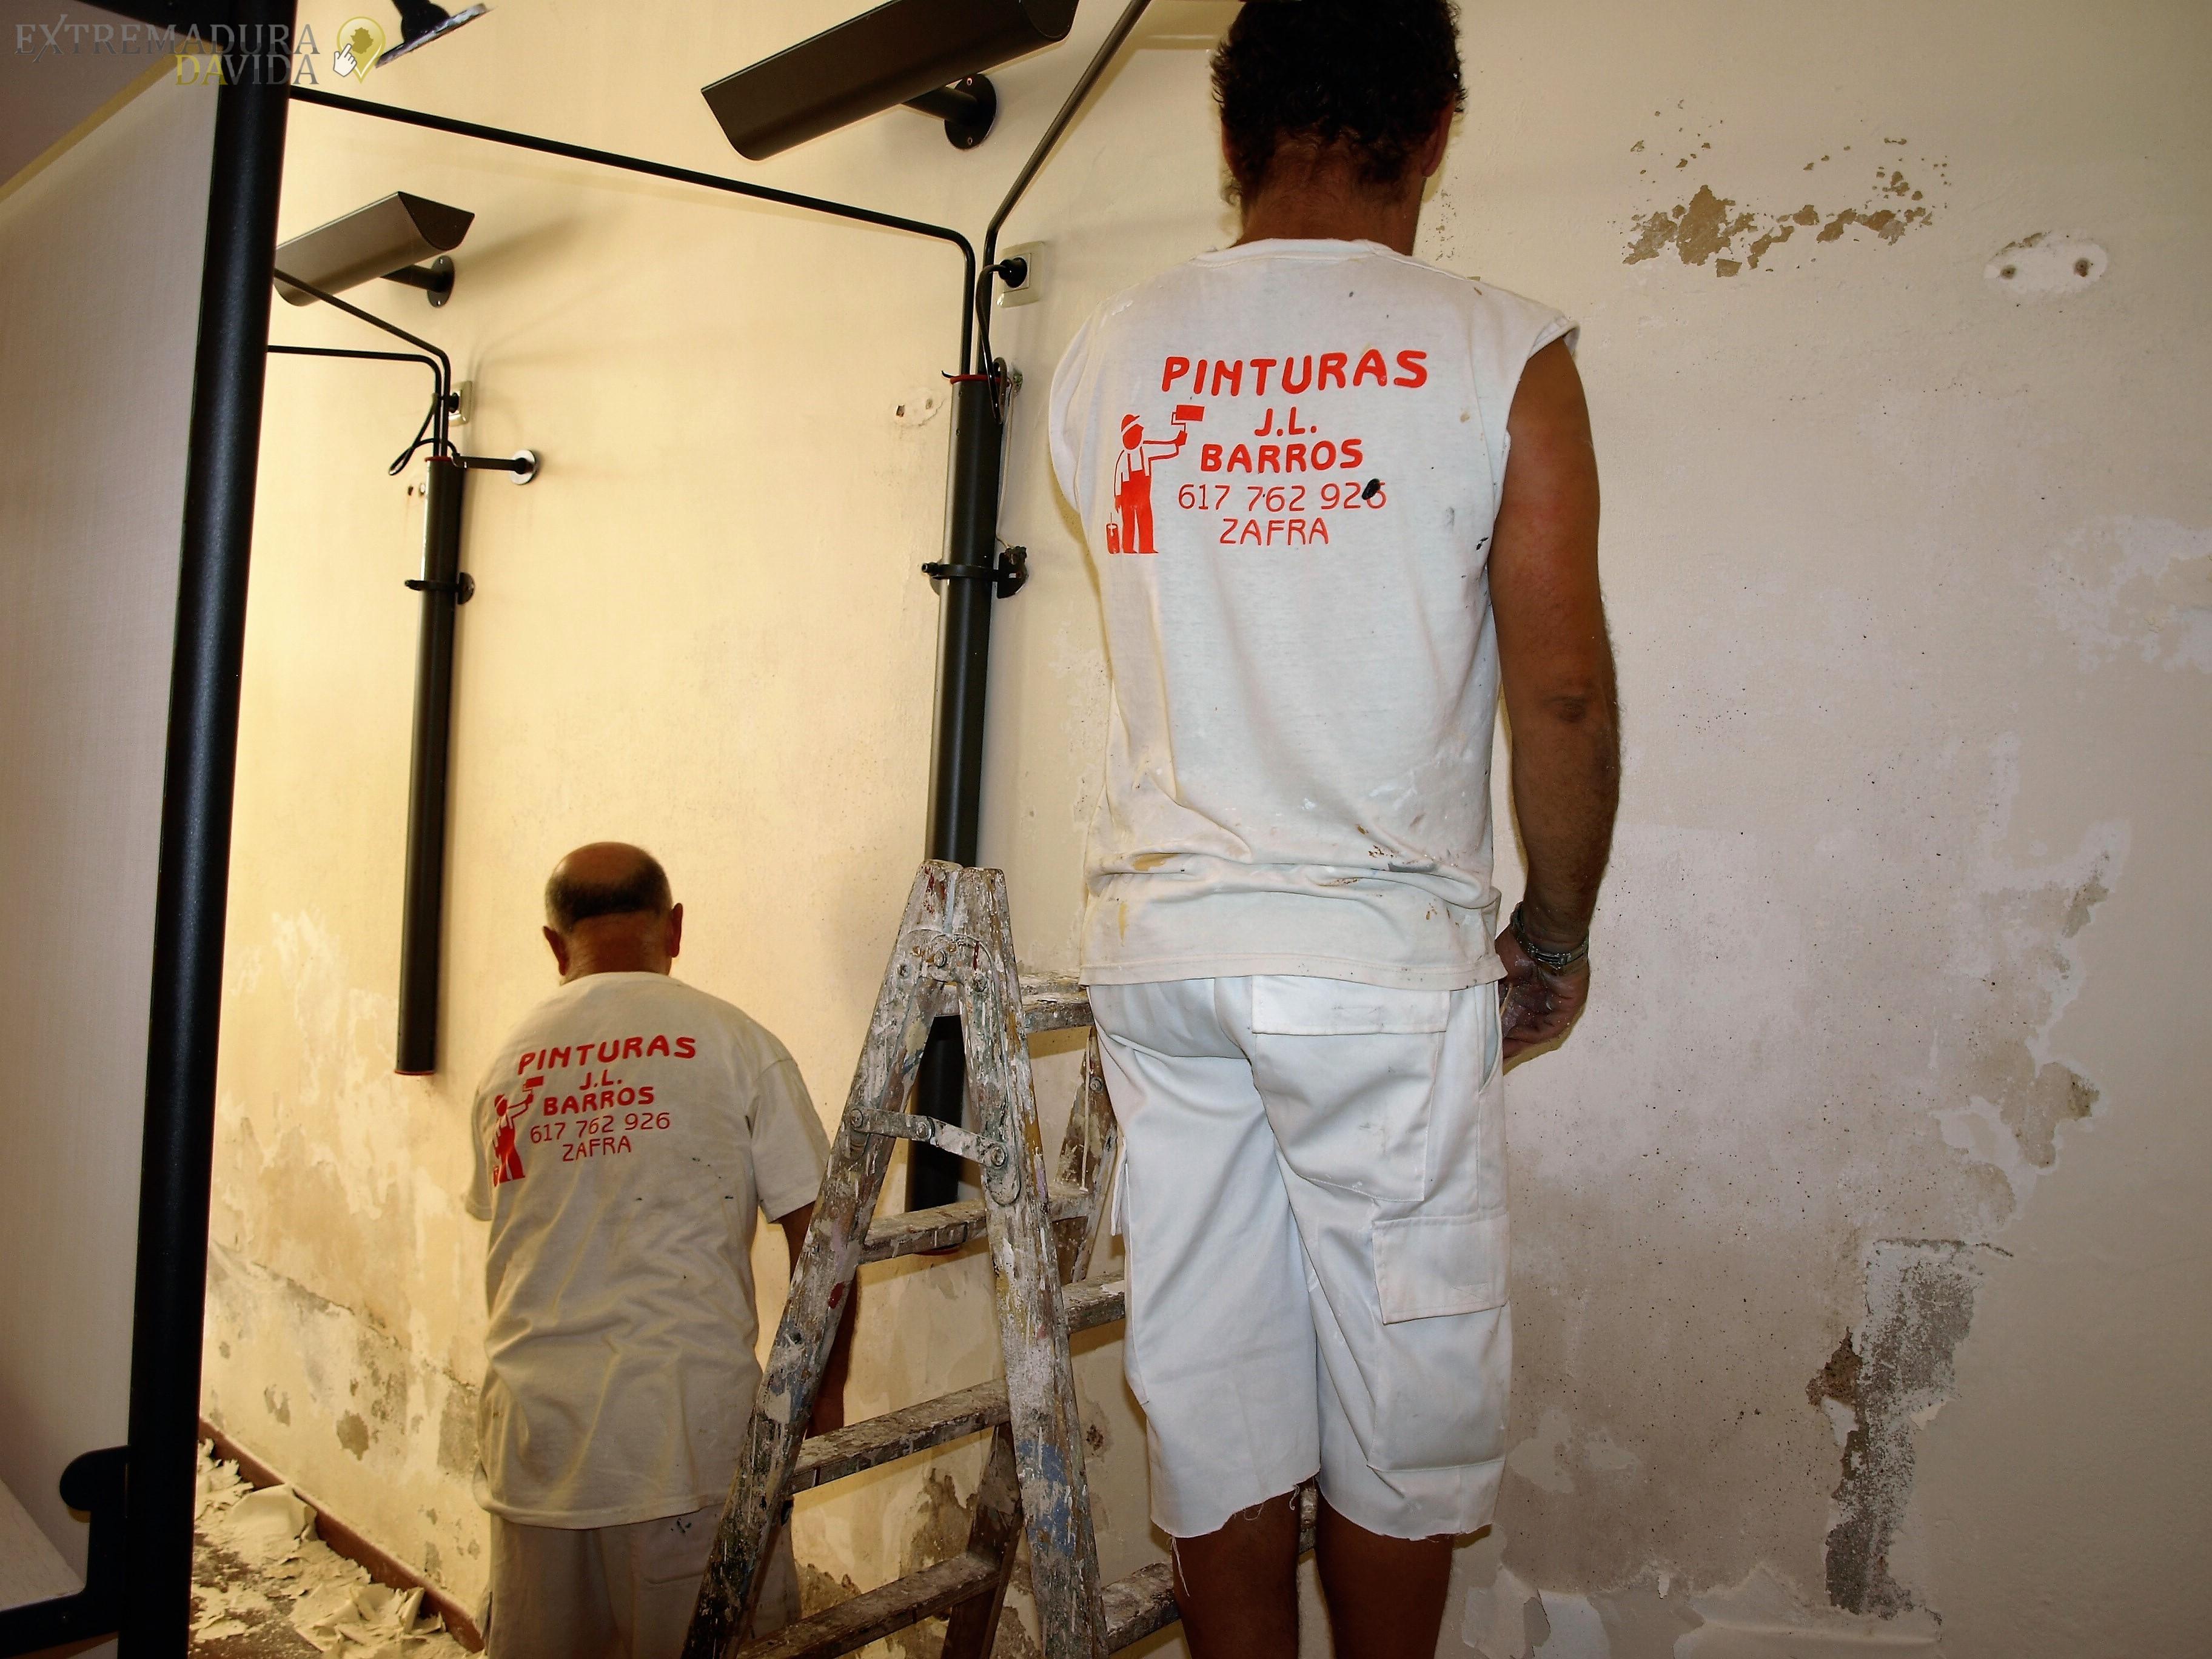 Pintores Decoradores en Zafra J.L Barros